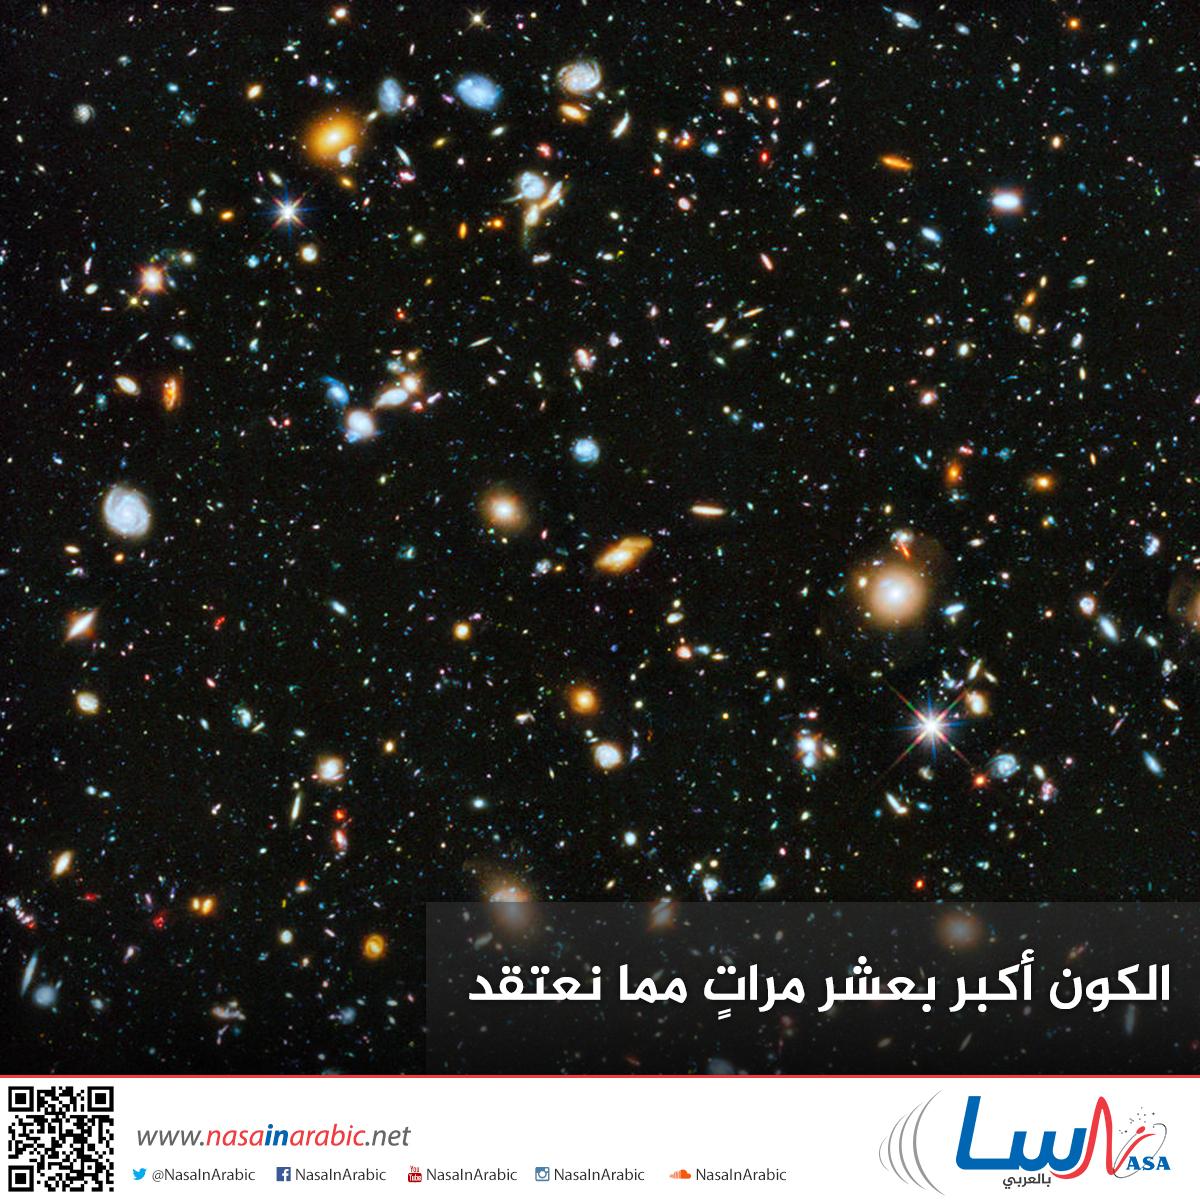 الكون أكبر بعشر مرات مما نعتقد